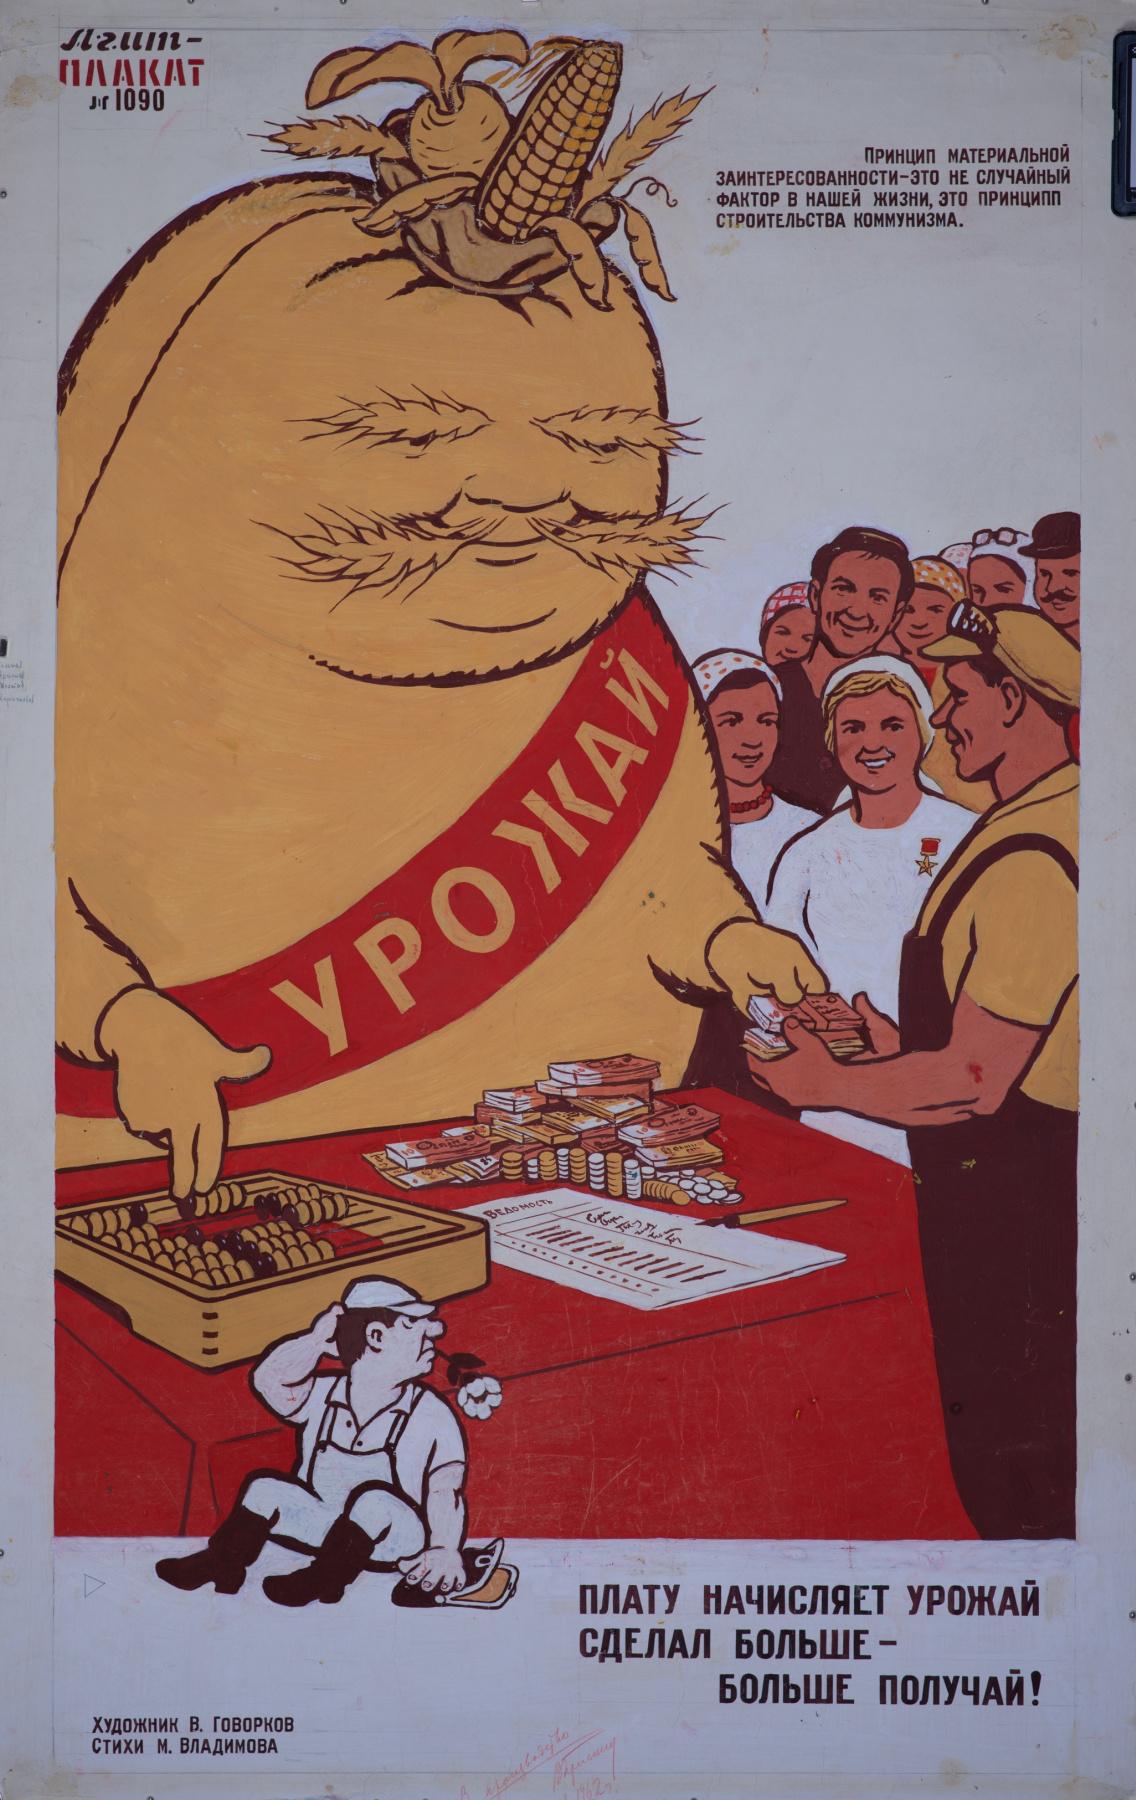 Victor Ivanovich Govorkov. Did more - get more! The poster No. 1090